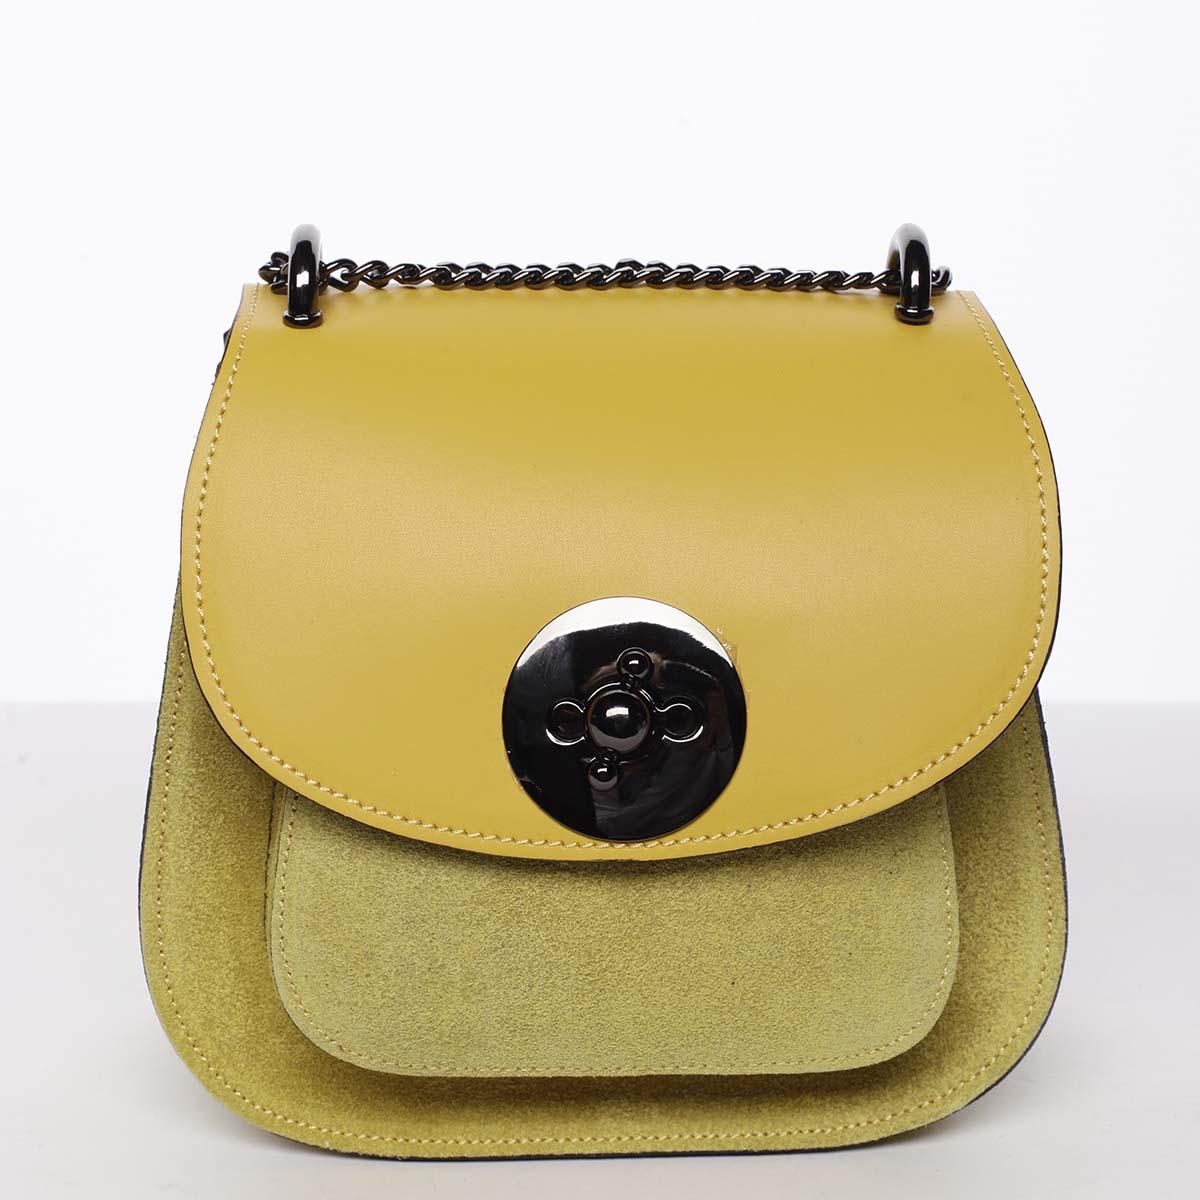 Malá dámská kožená polobroušená kabelka žlutá - ItalY Karishma